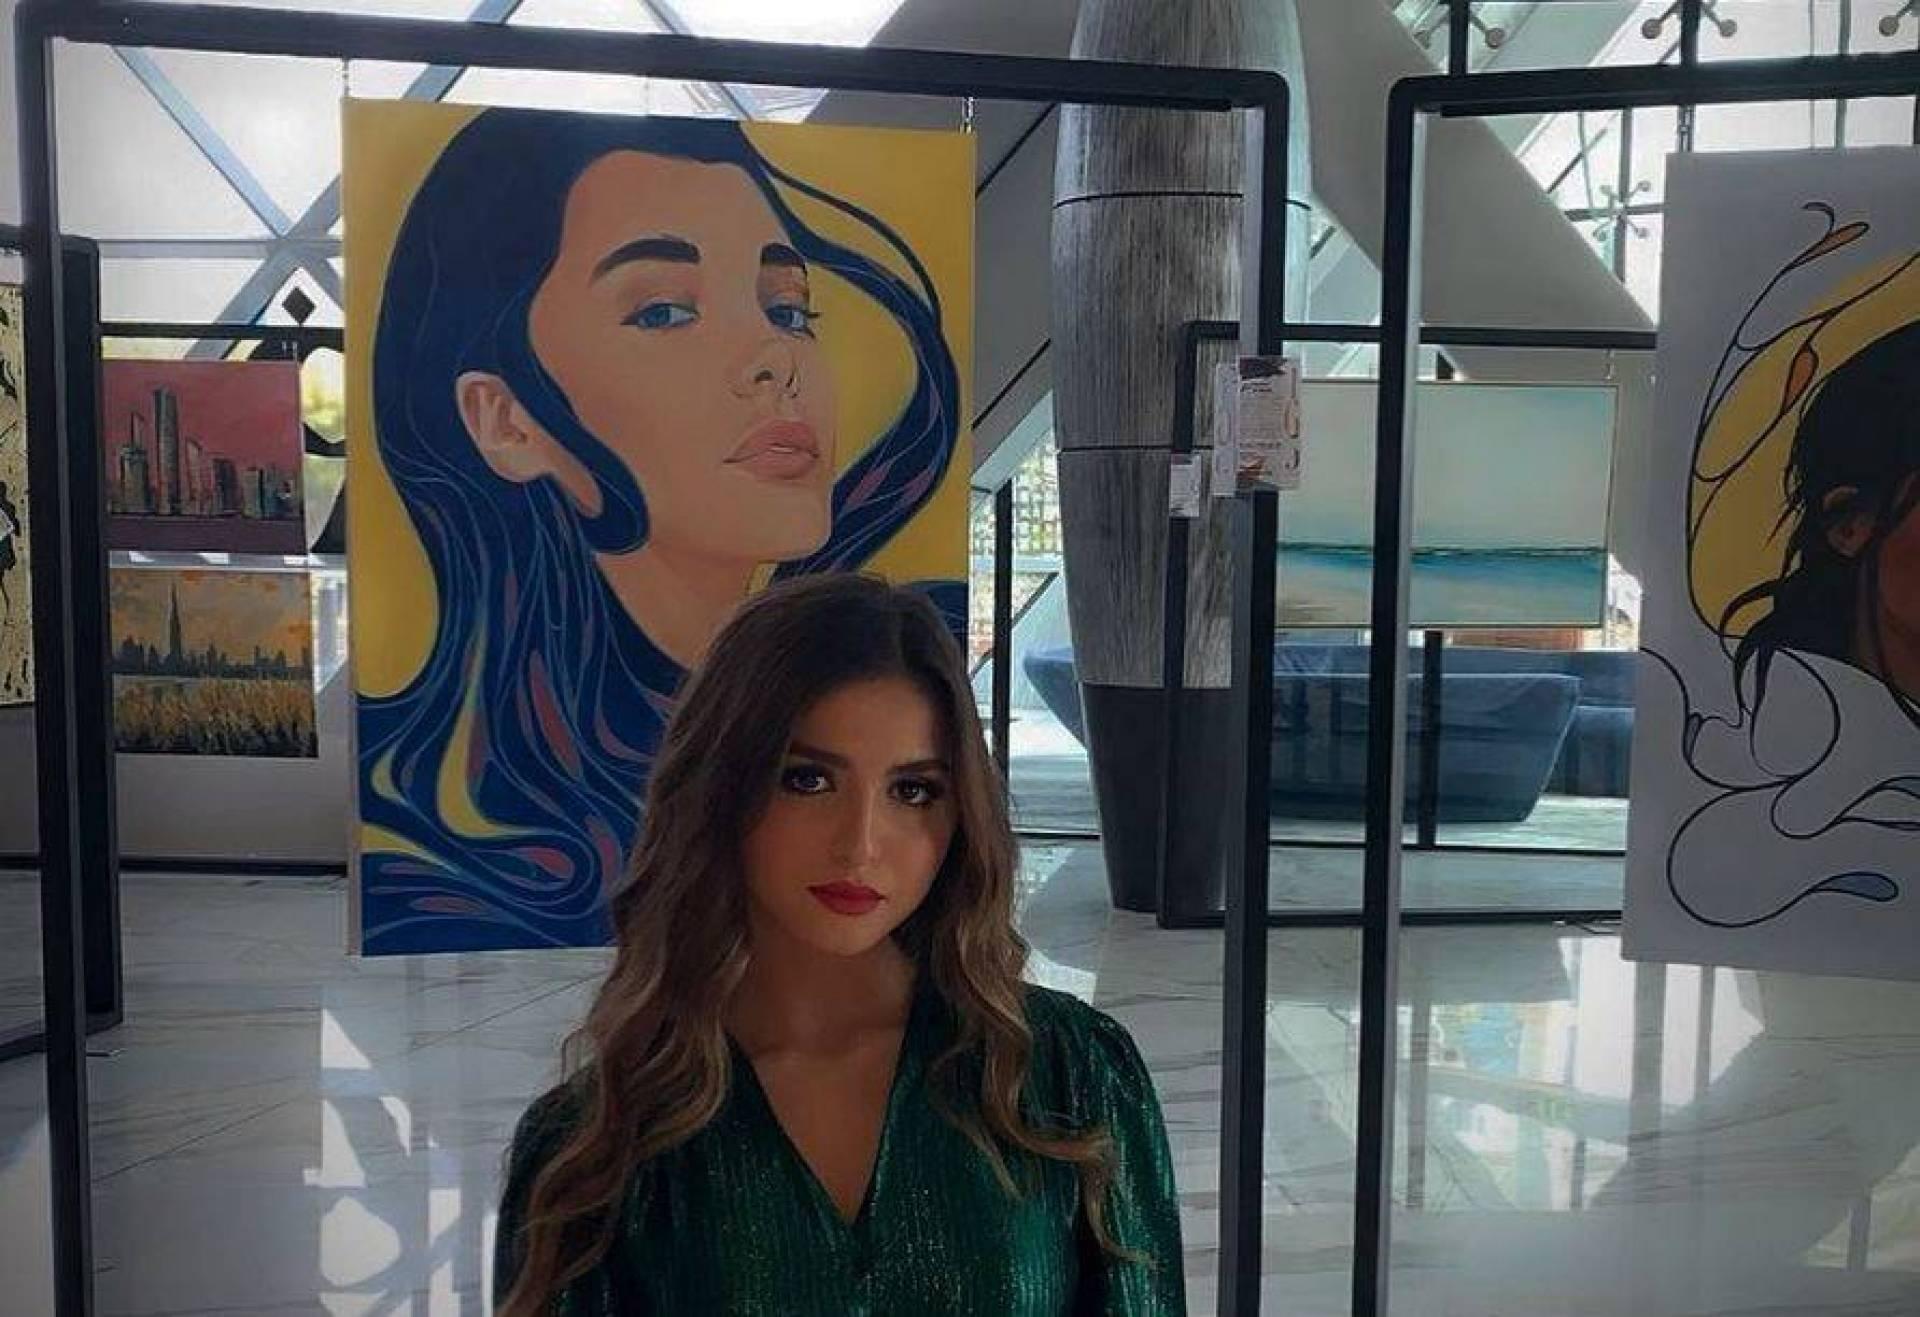 بالفيديو – أخيراً حلا الترك تستعيد ملامحها من دون مكياج... شاهدوا شكلها